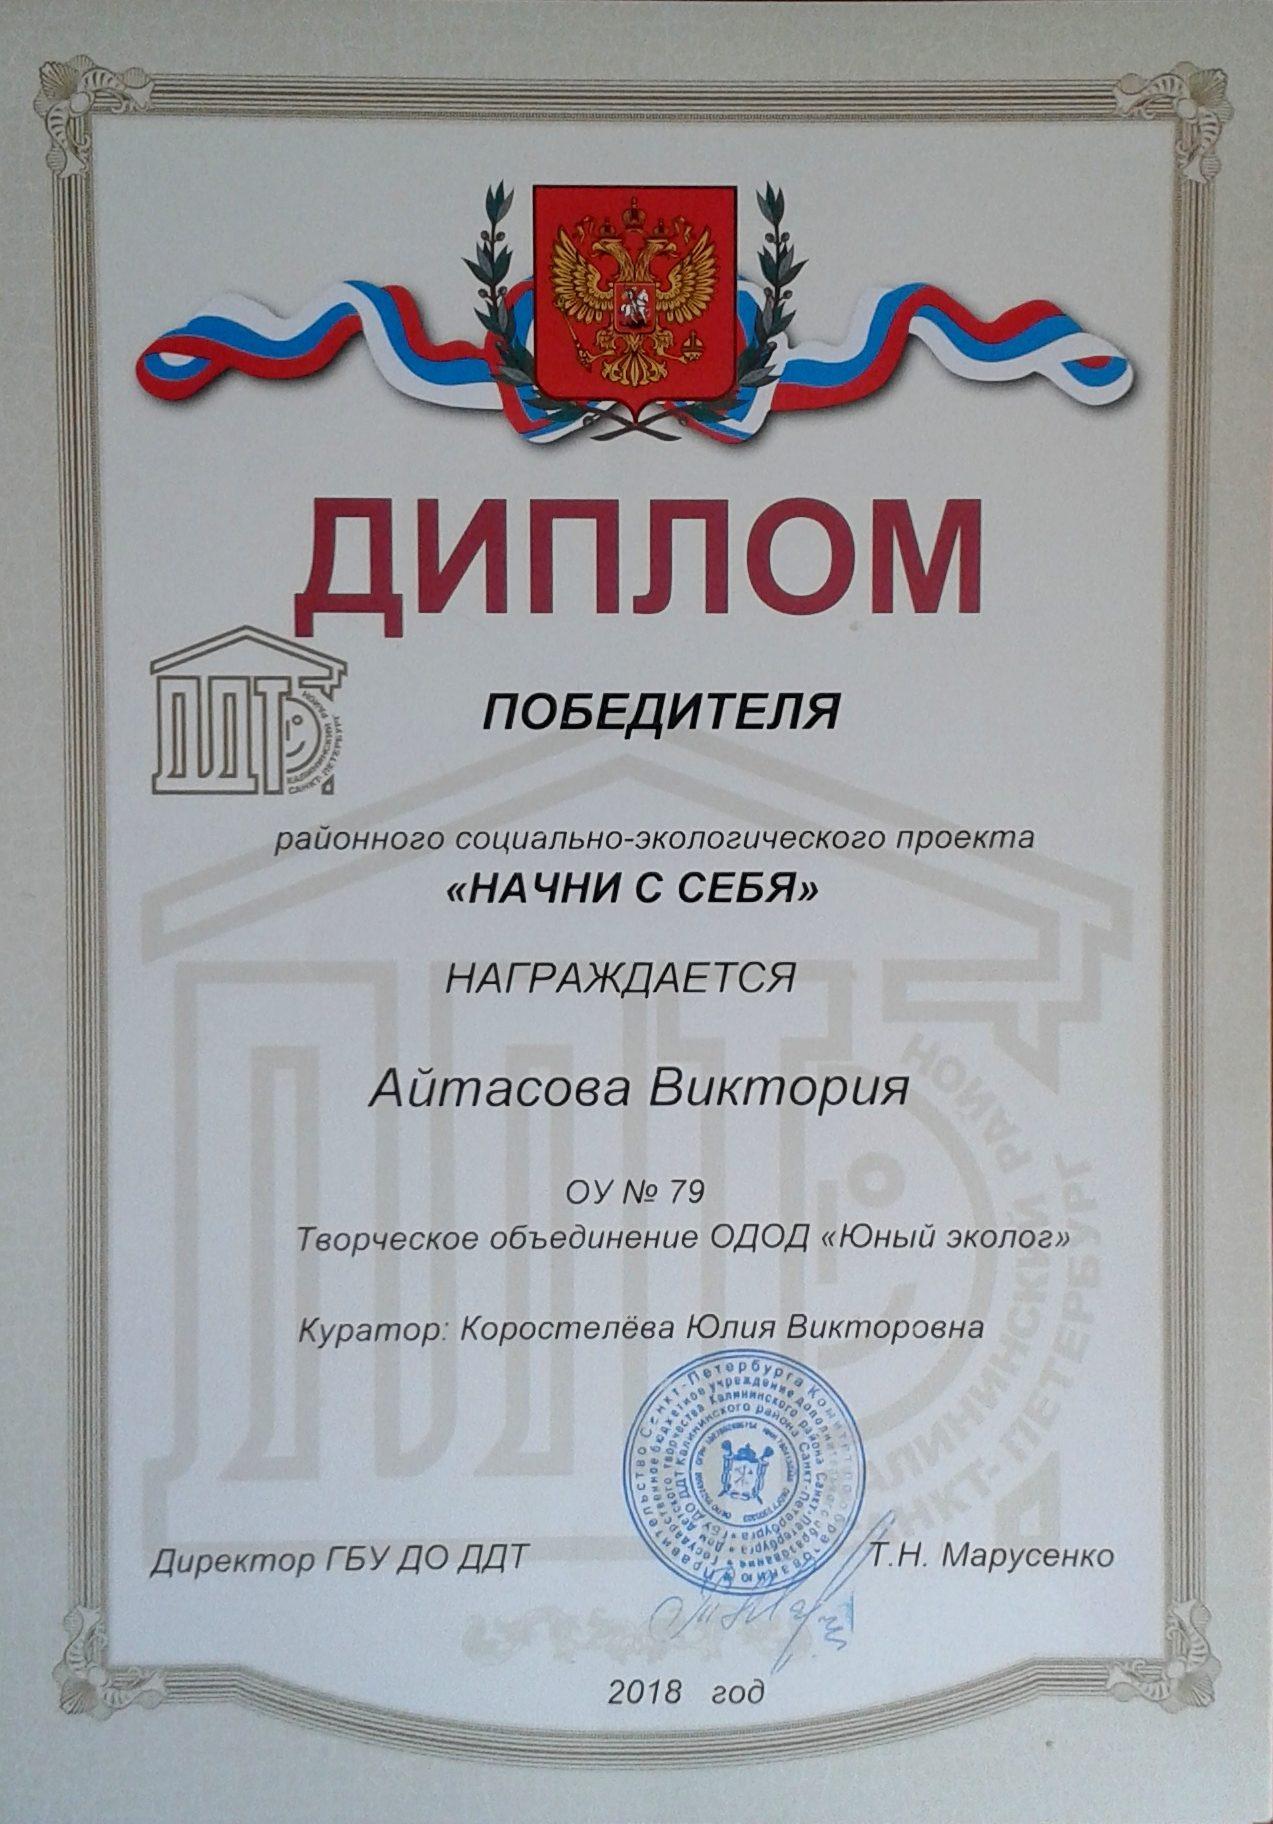 Айтасова Виктория